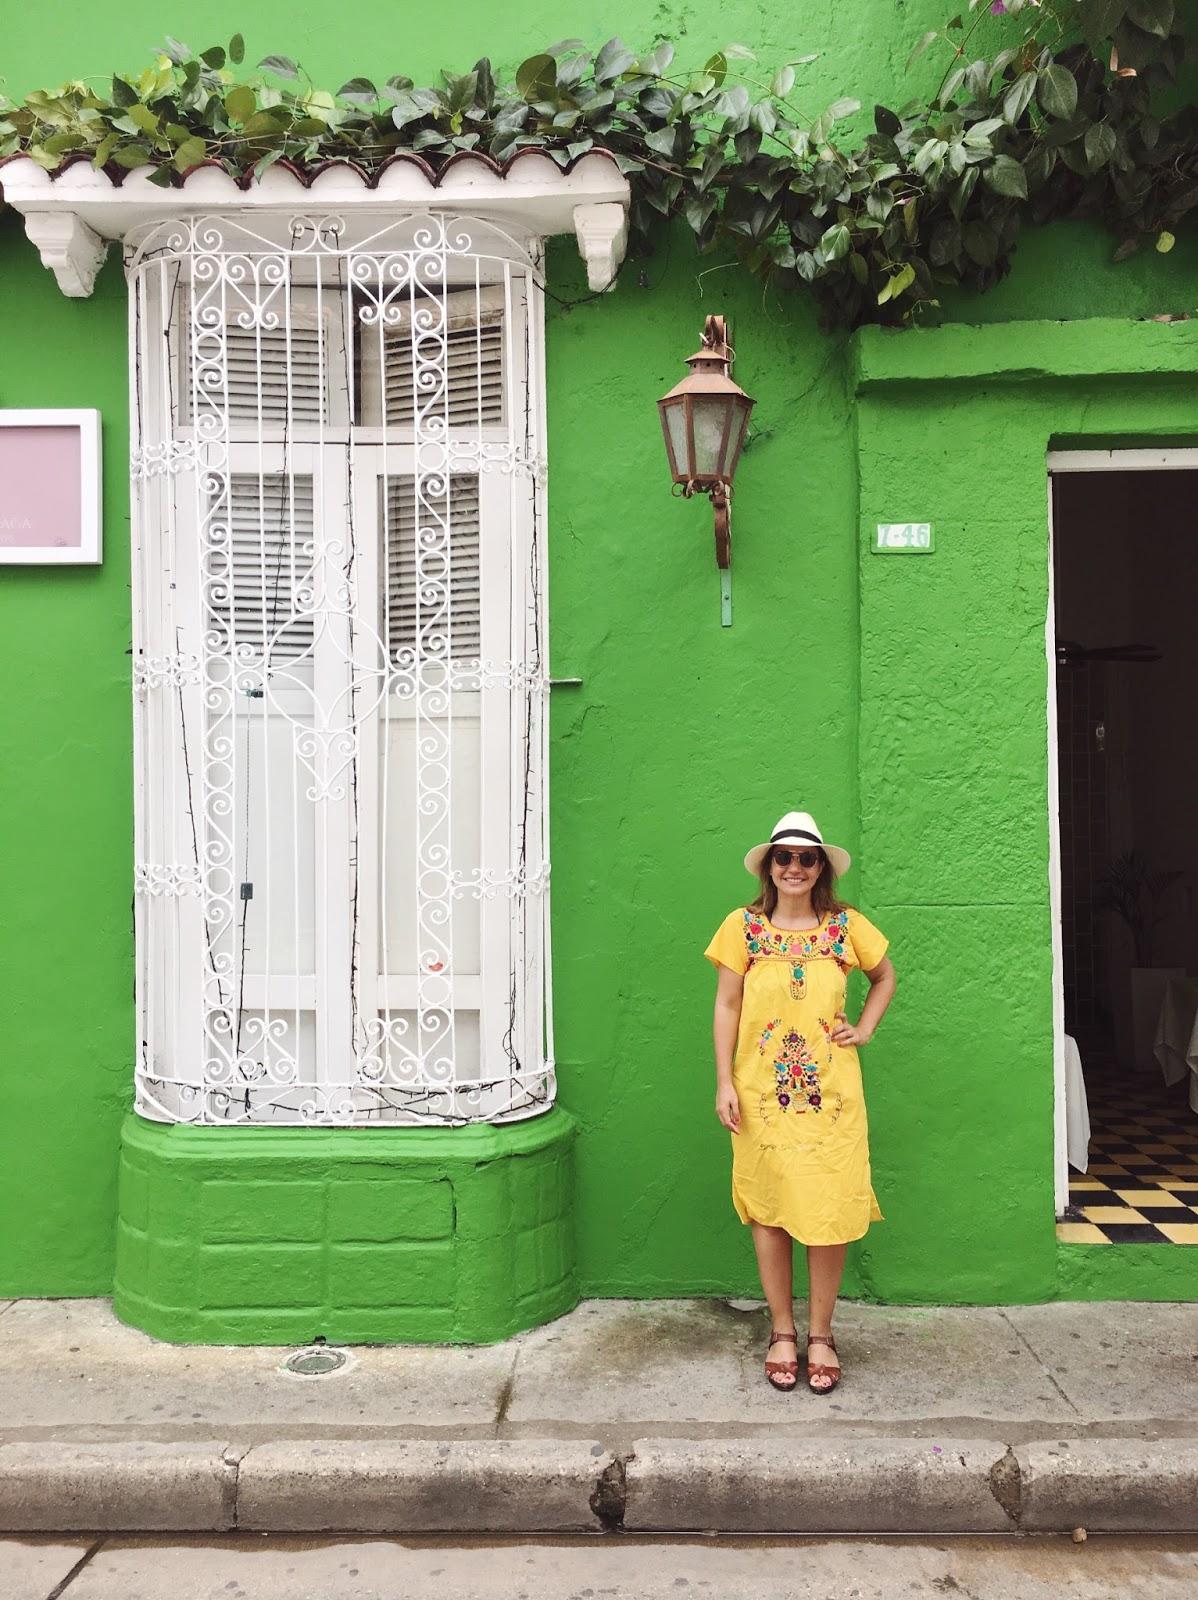 El viaje a Cartagena de Indias